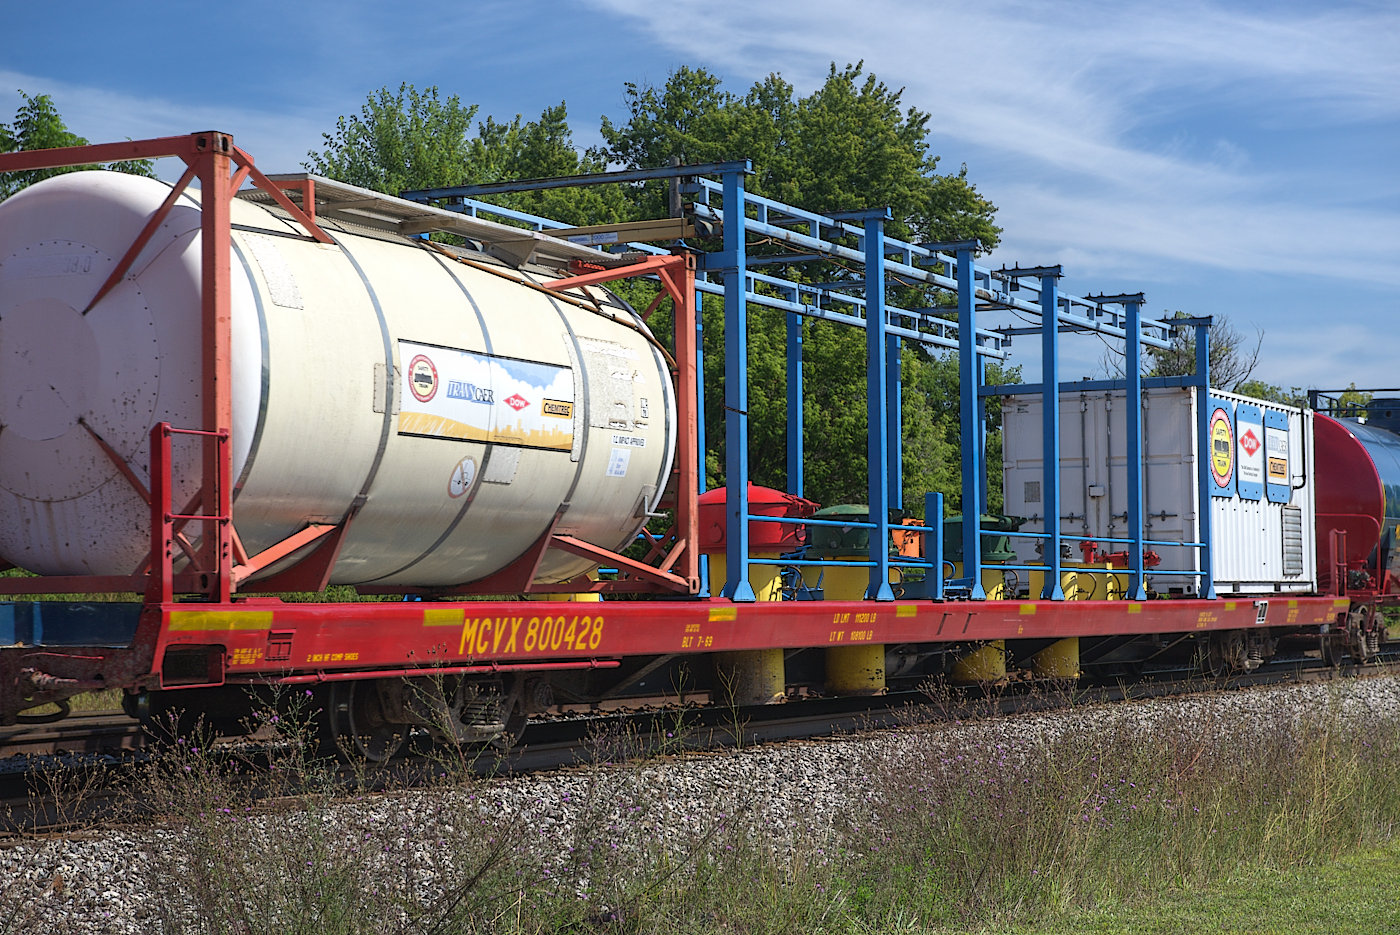 US_Durand_MI_2014-08-15_11@39_9149_MCVX_800428_Safety_Train.jpg